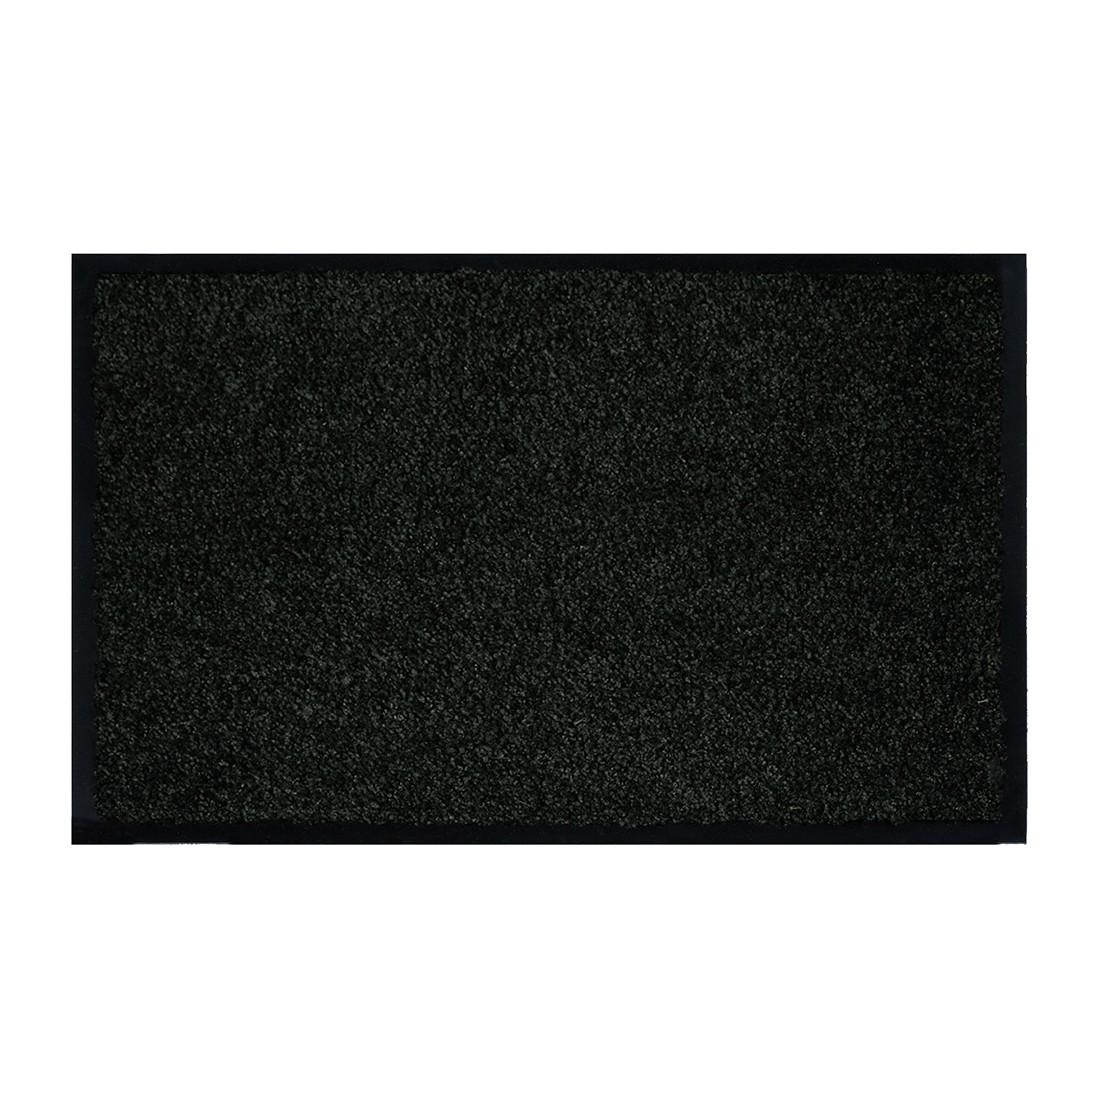 Fußmatte Proper Tex – Schwarz – 90 x 250 cm, Astra jetzt kaufen